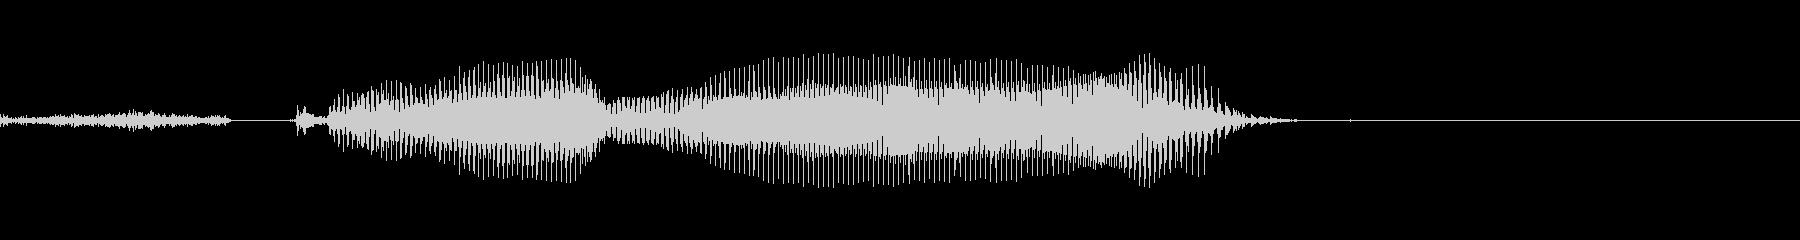 きかねえよ(挑発的)の未再生の波形